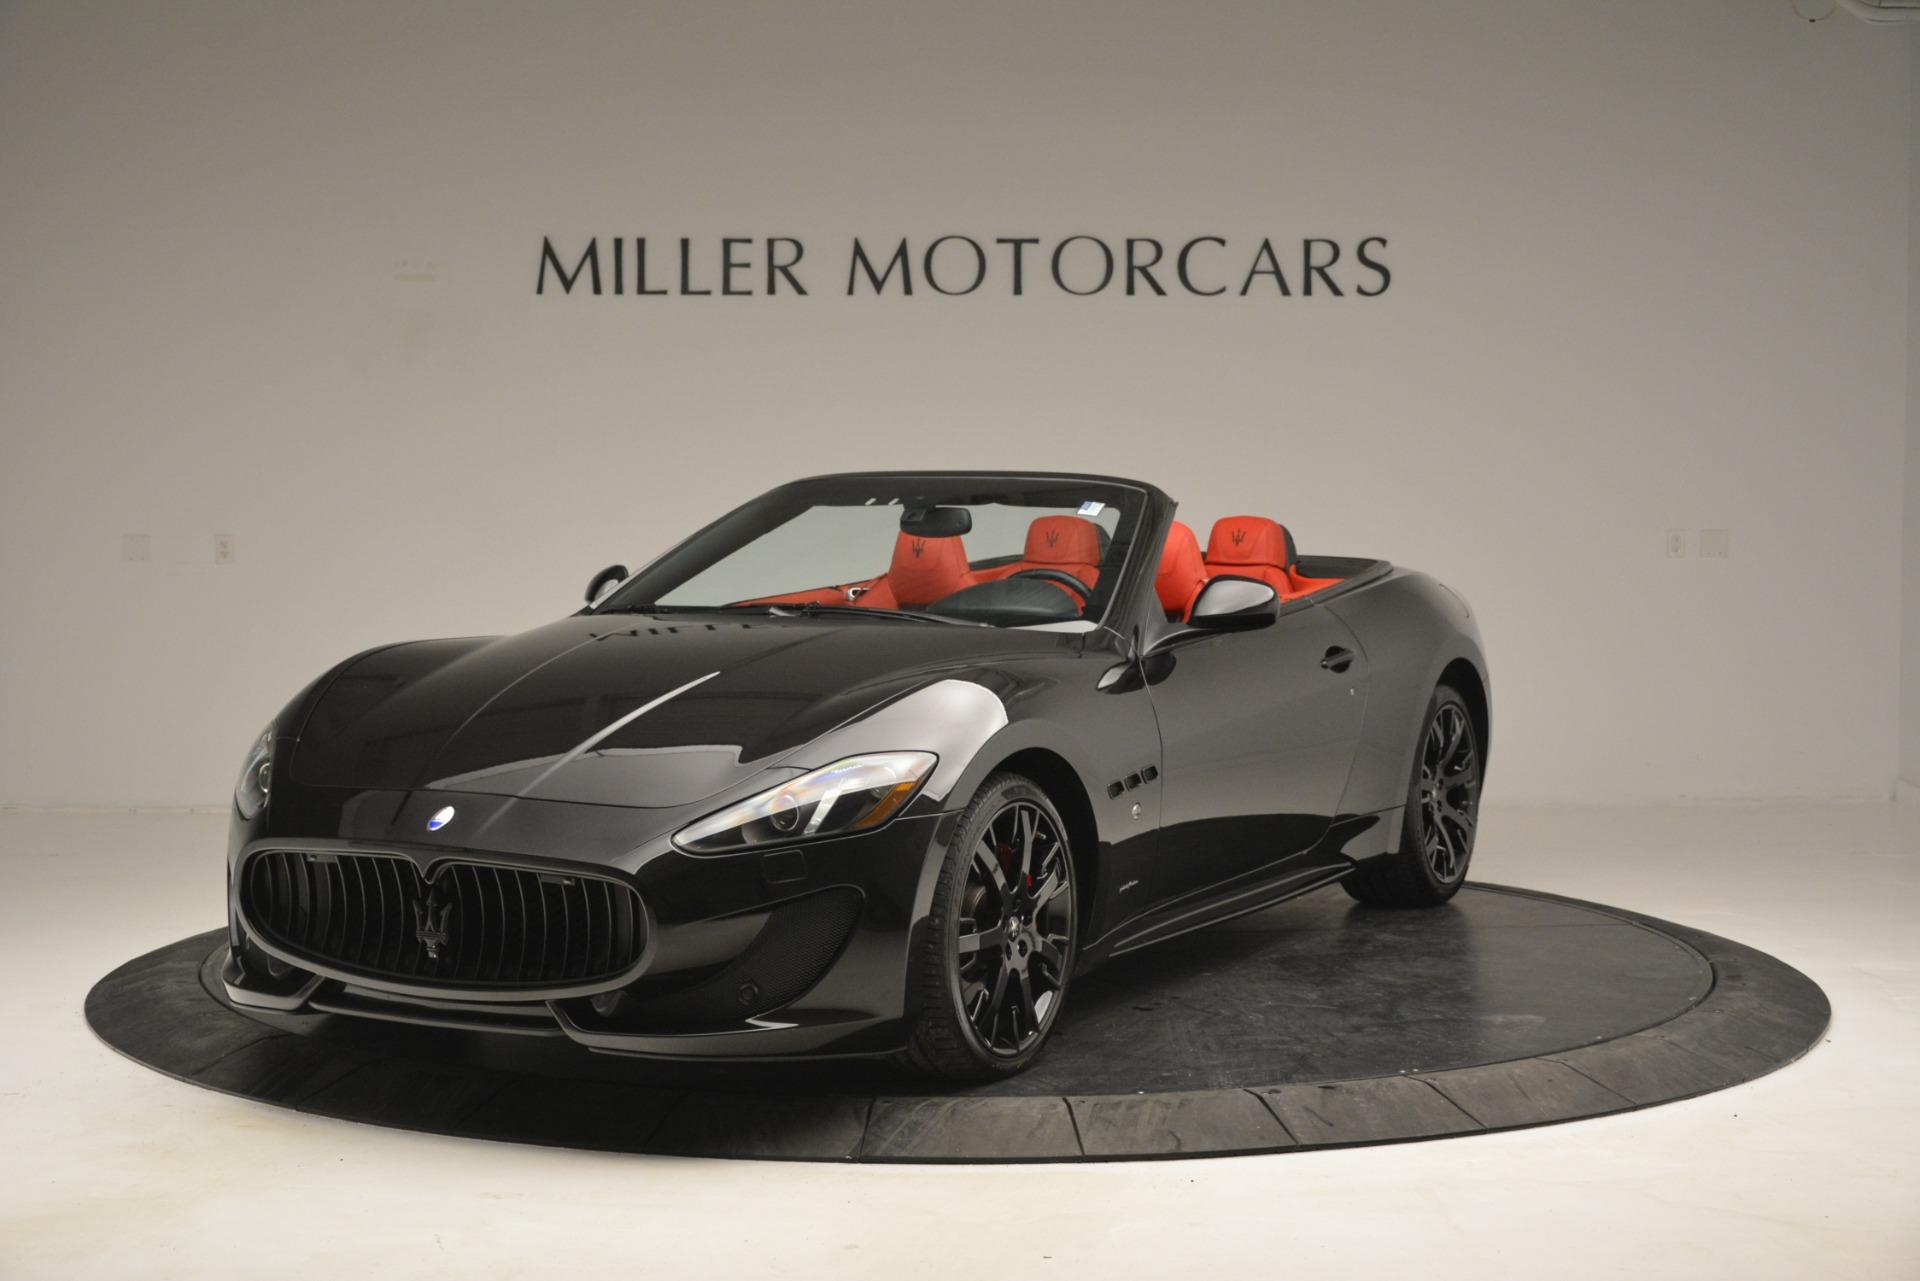 Used 2015 Maserati GranTurismo Sport for sale Sold at Aston Martin of Greenwich in Greenwich CT 06830 1